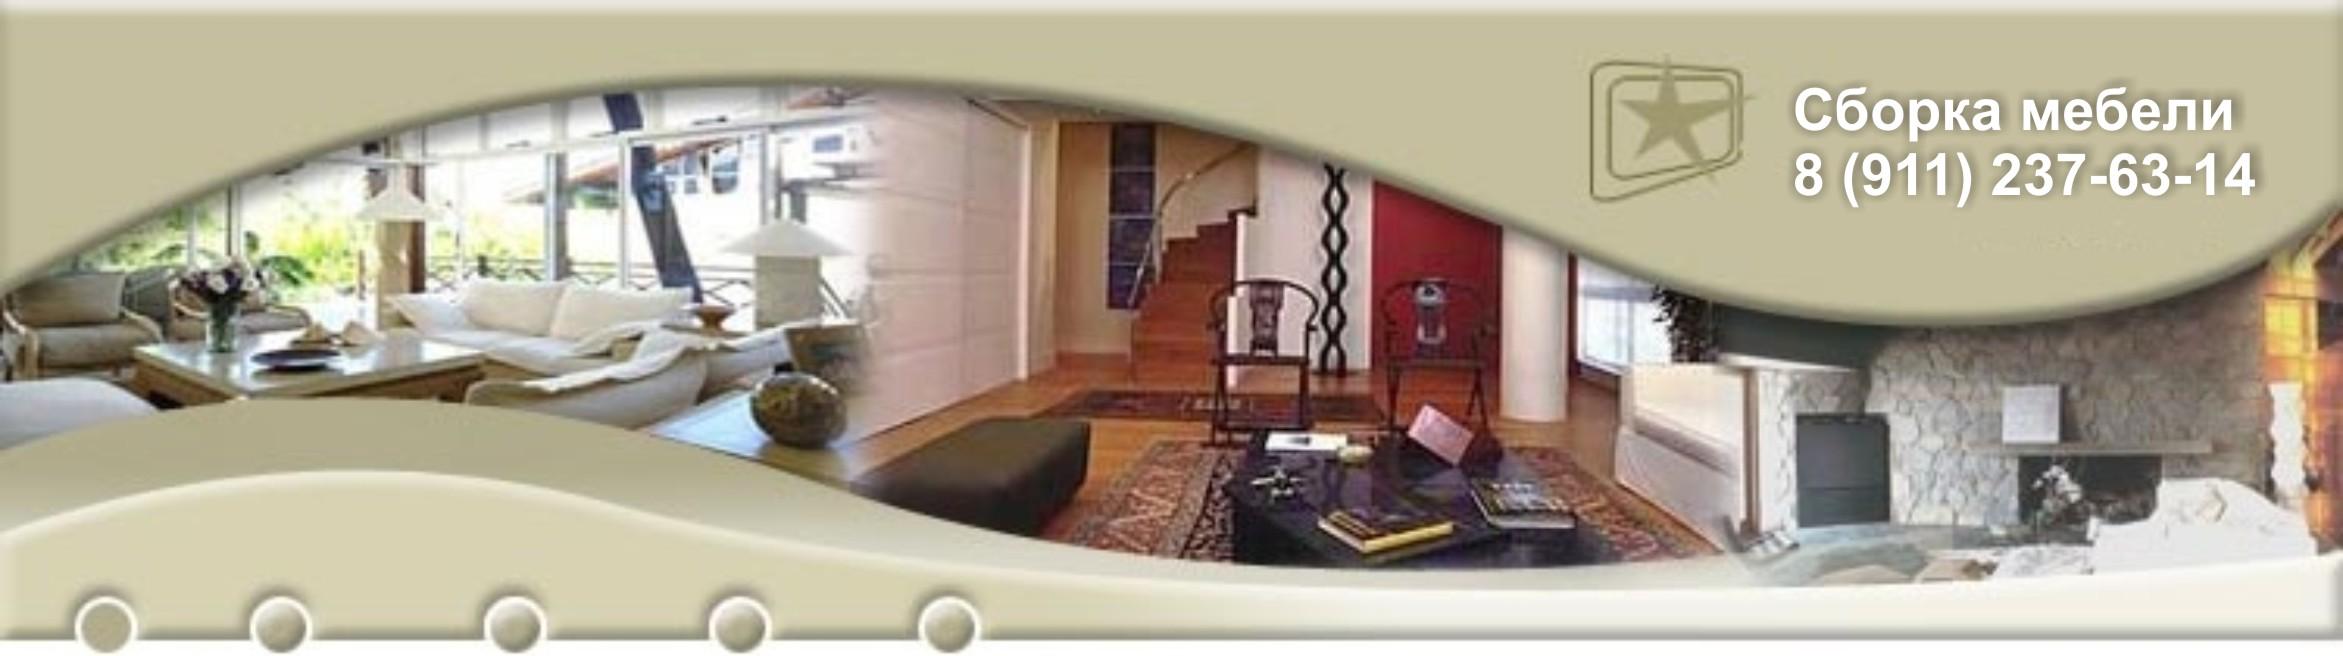 Сантехник в элитном доме рассказ 1 фотография